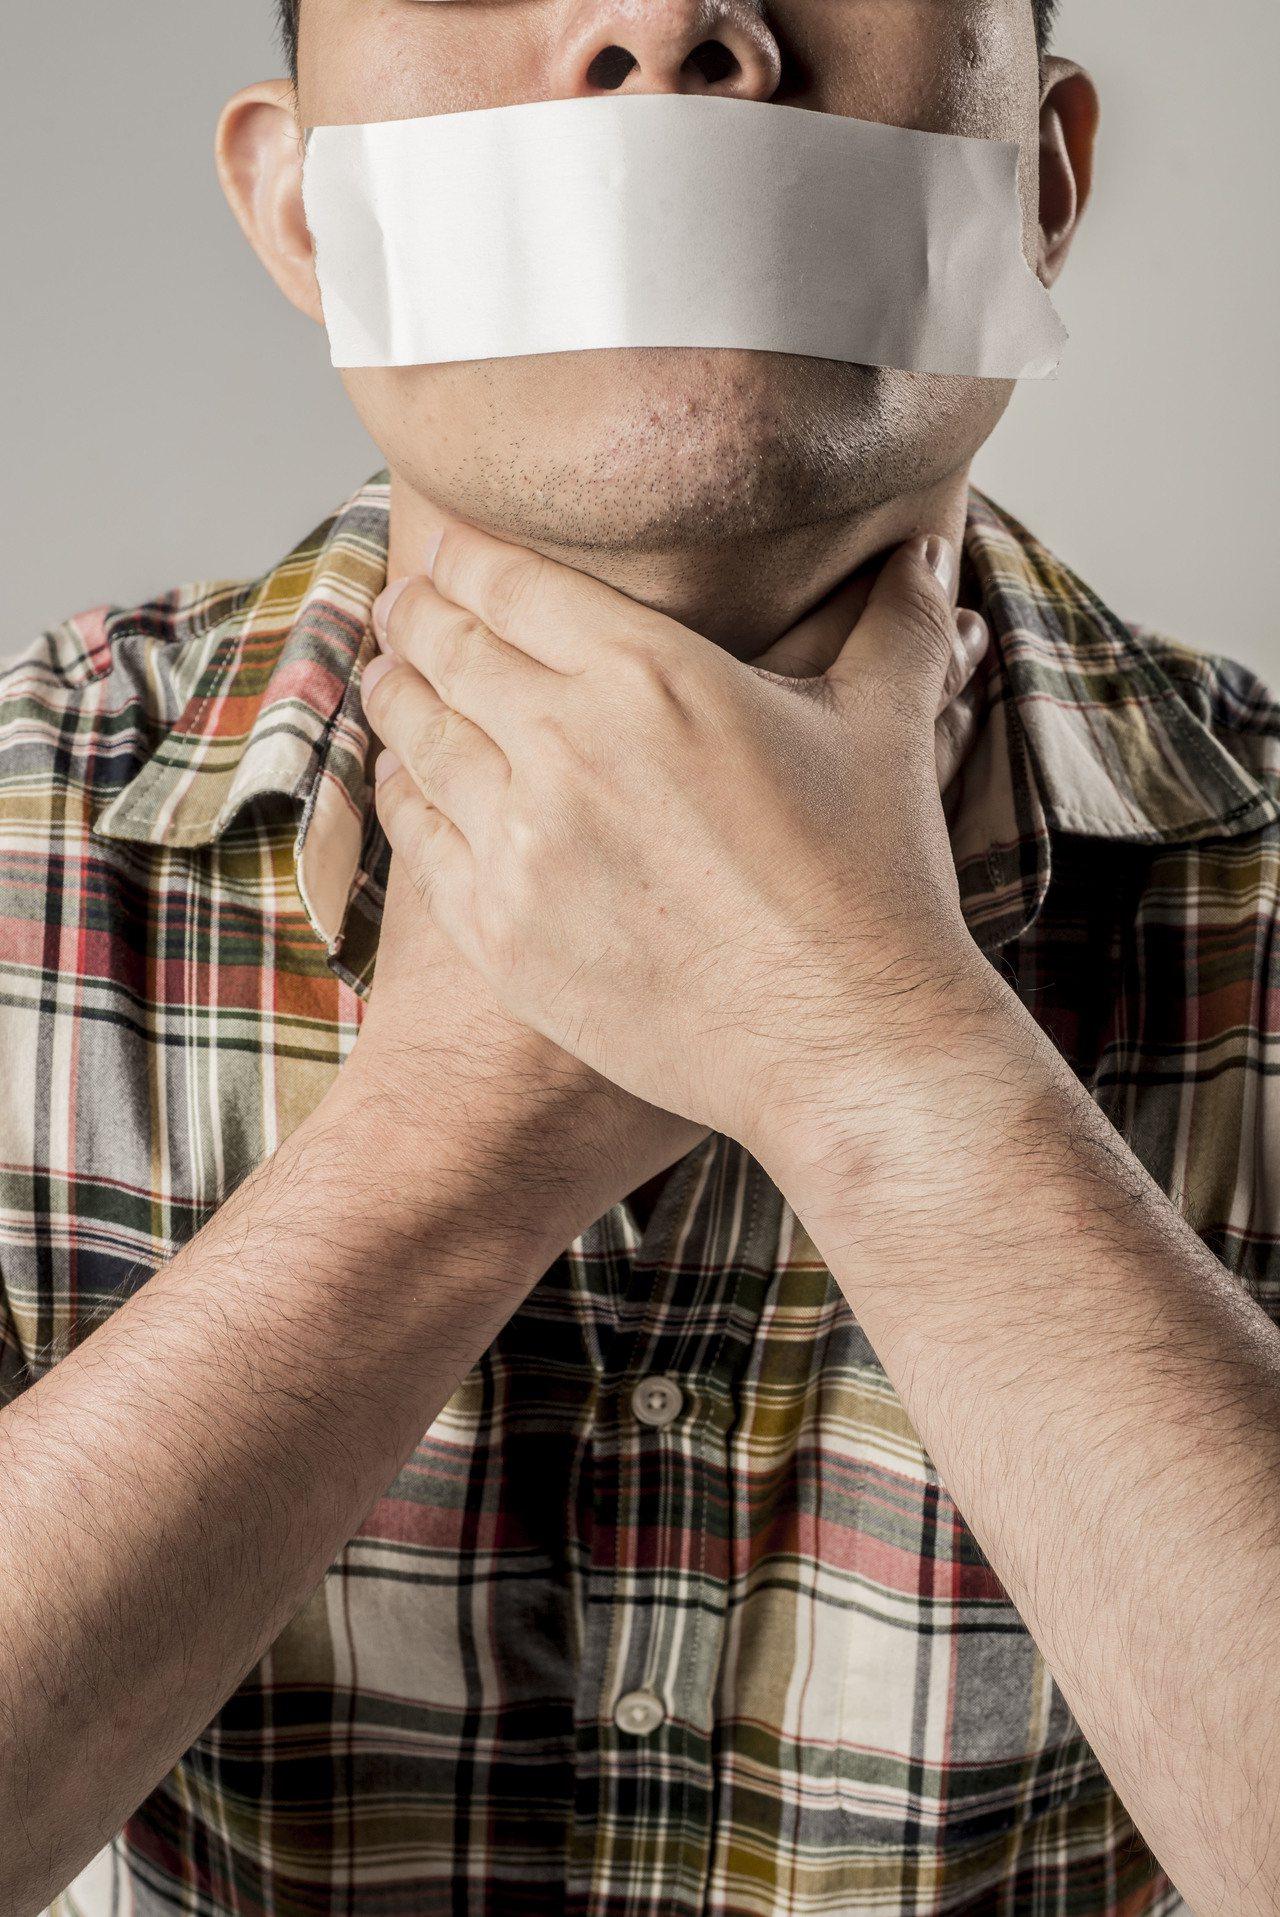 台灣每年有2萬8千人死於菸害,35歲以上可歸因於菸害疾病之醫療與生產力損失經濟成...